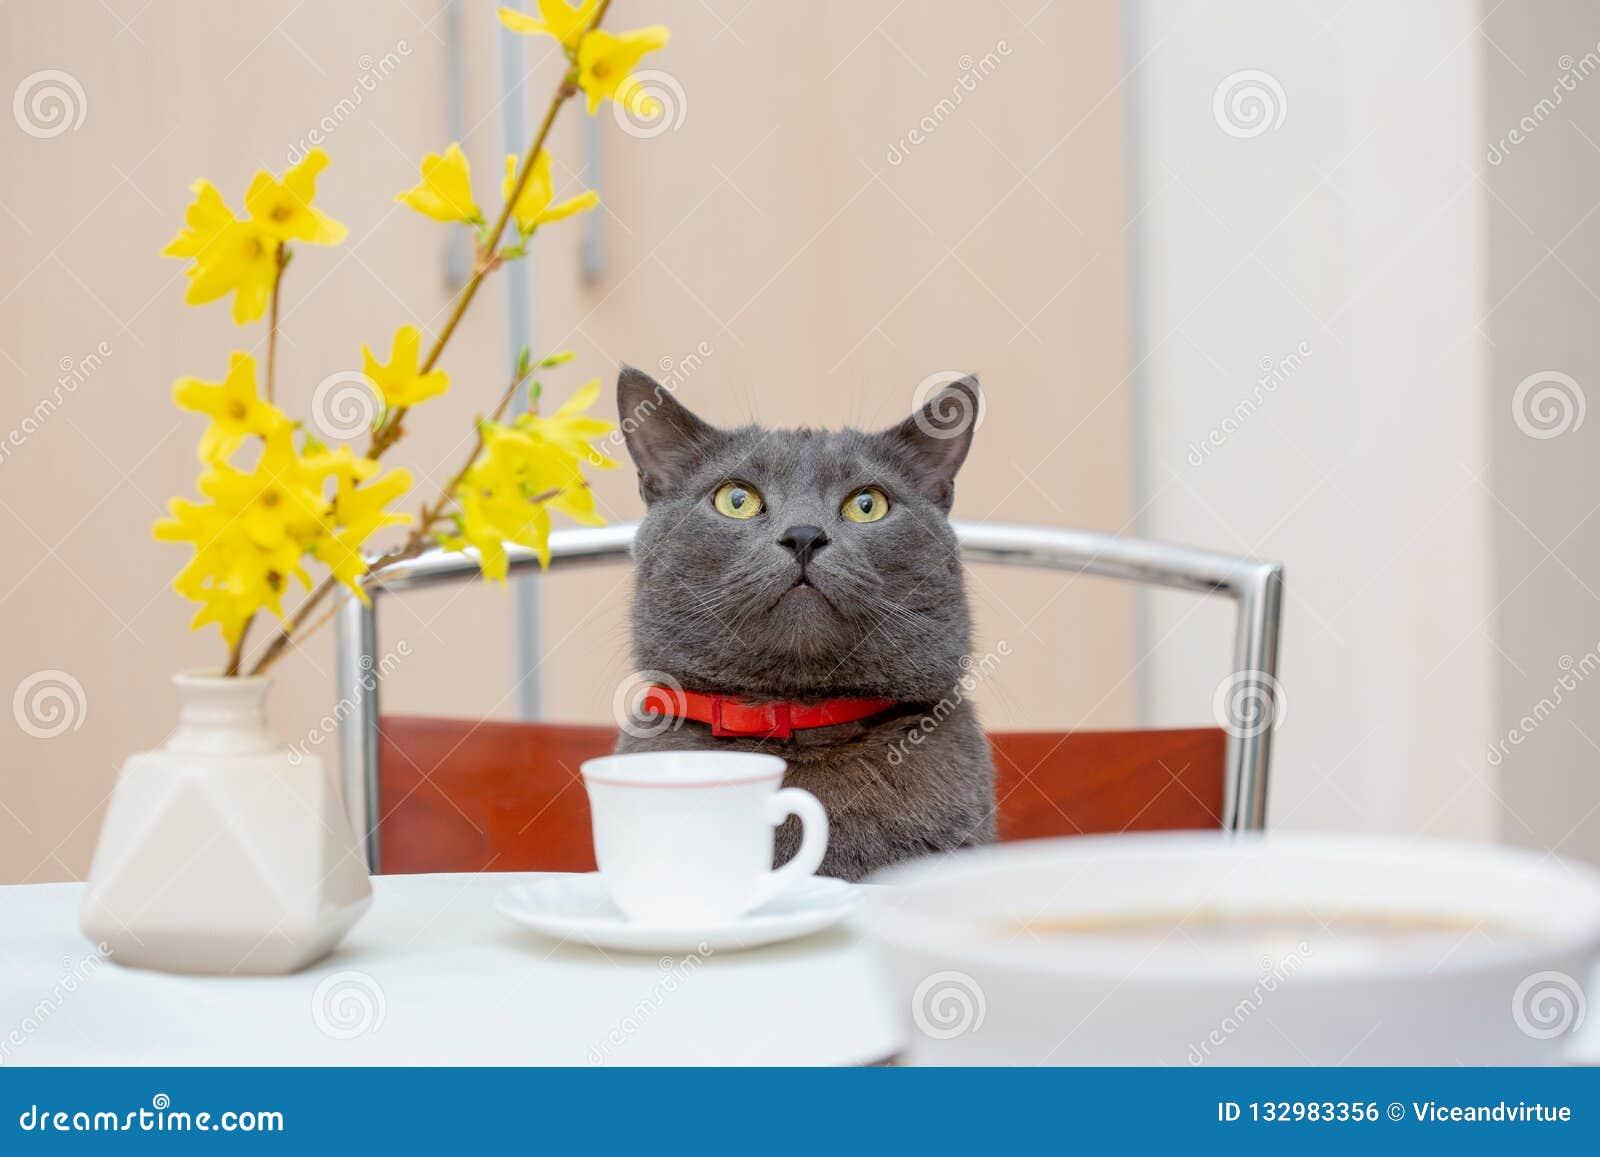 Chá bebendo junto com o gato cinzento adorável